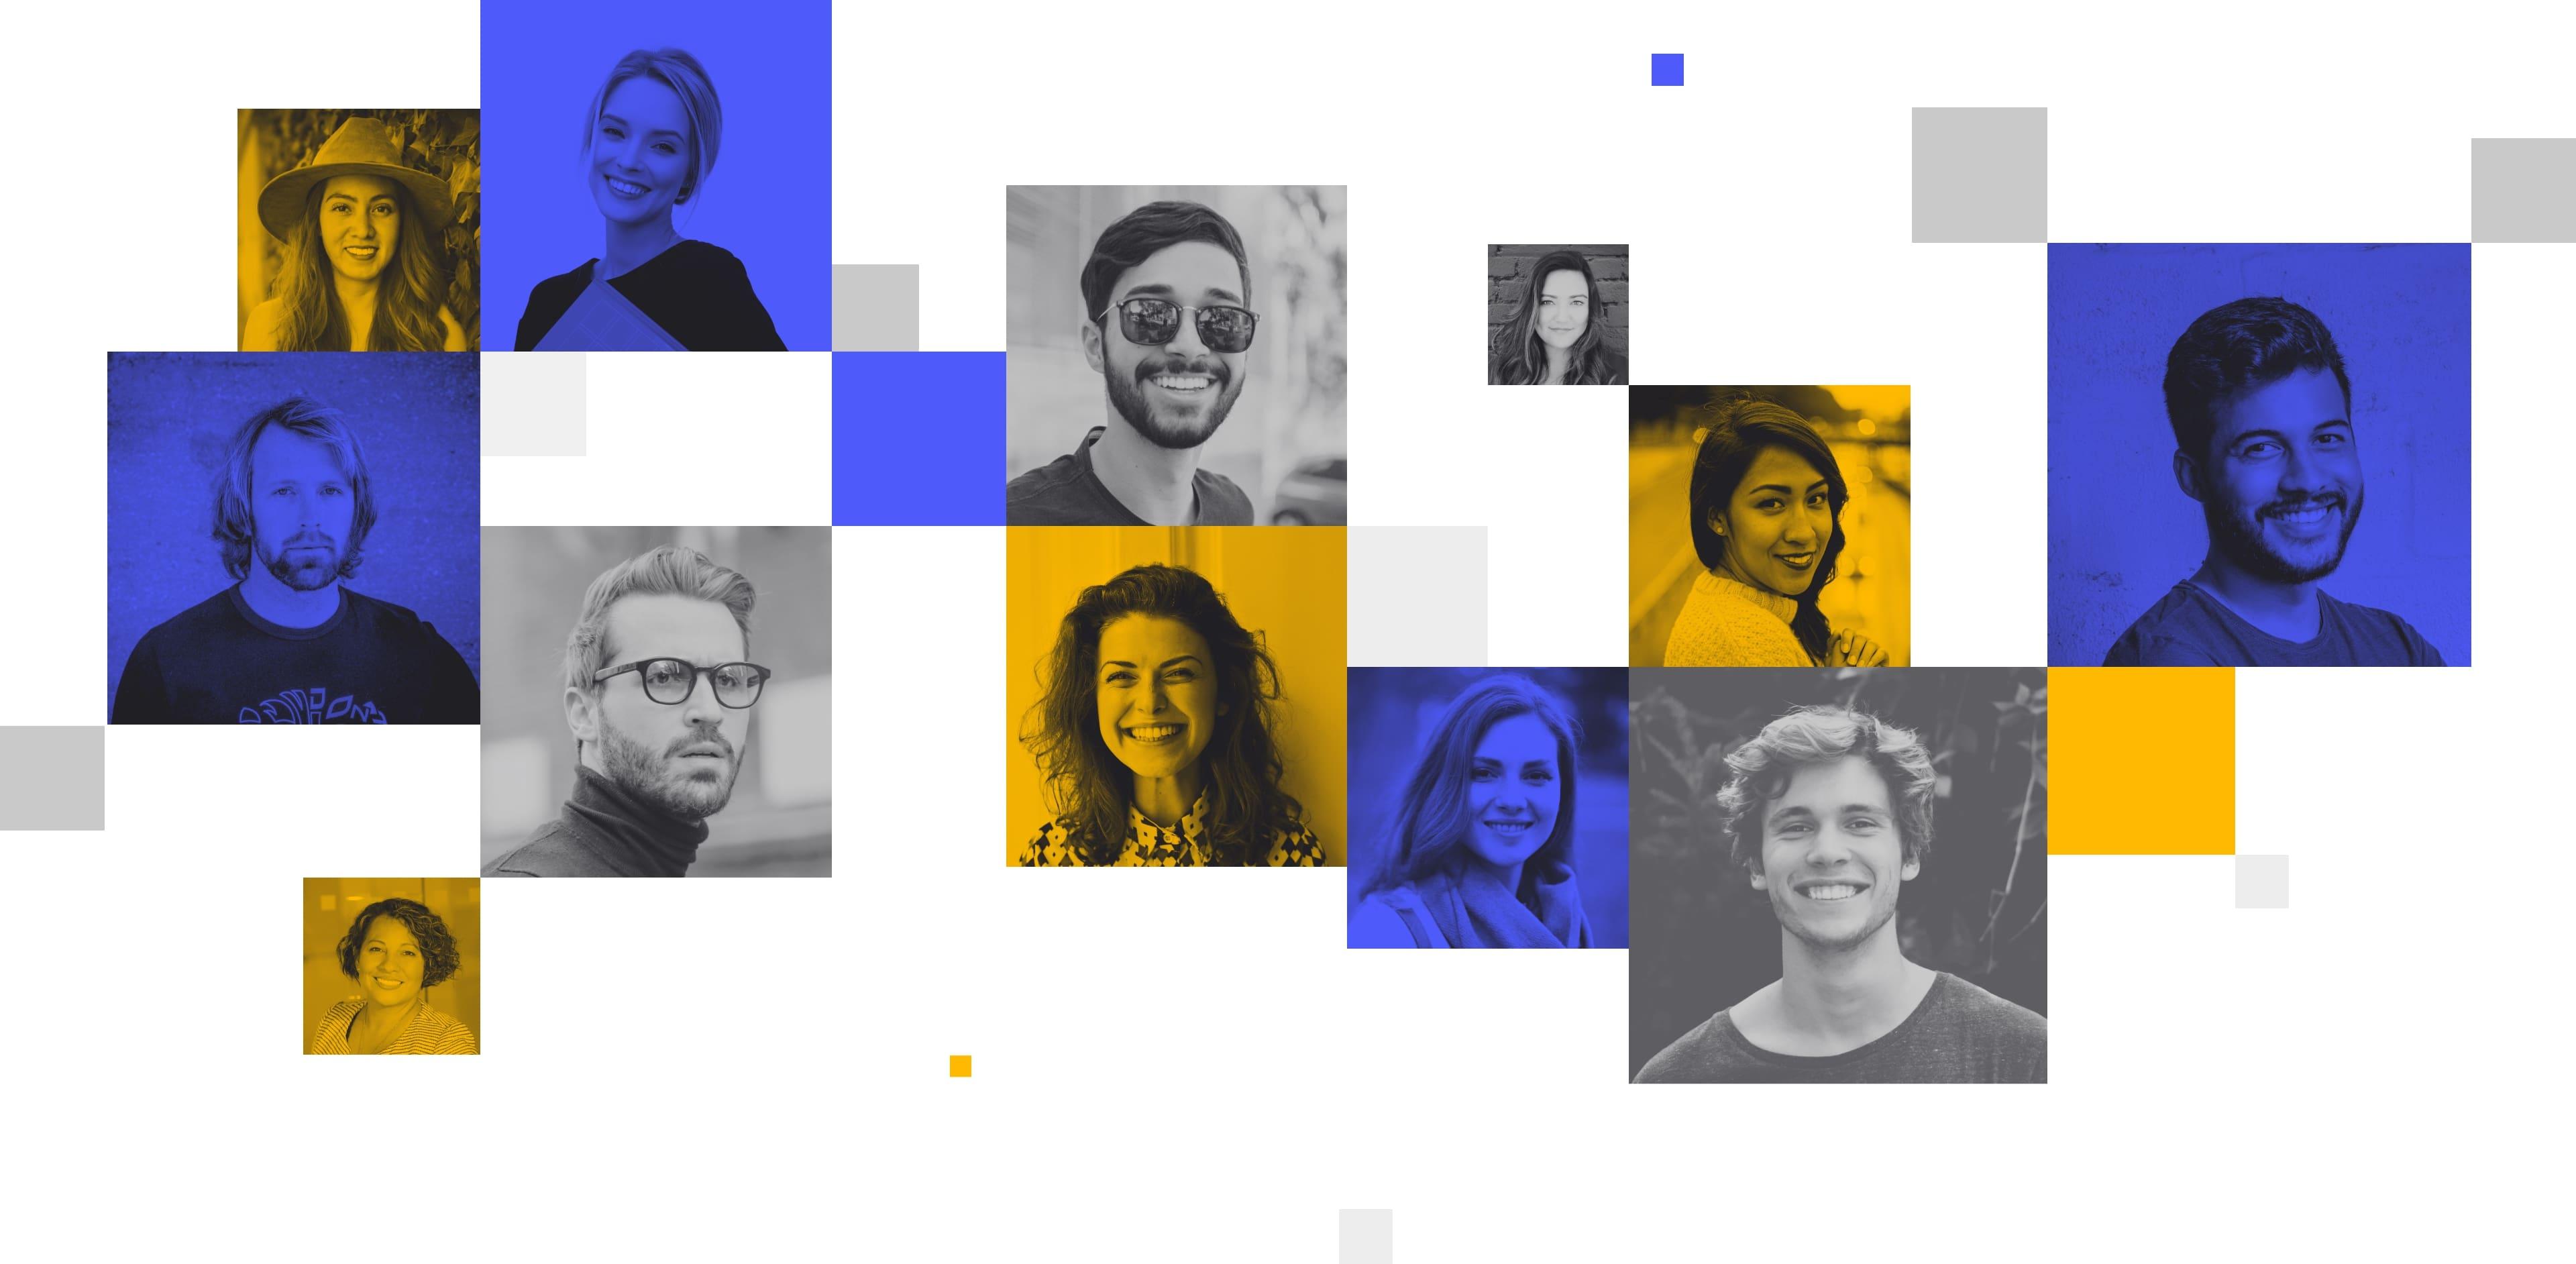 Diseño de patrón decorativo con caras de encuestados para Centiment por El Patio Webflow Studio.